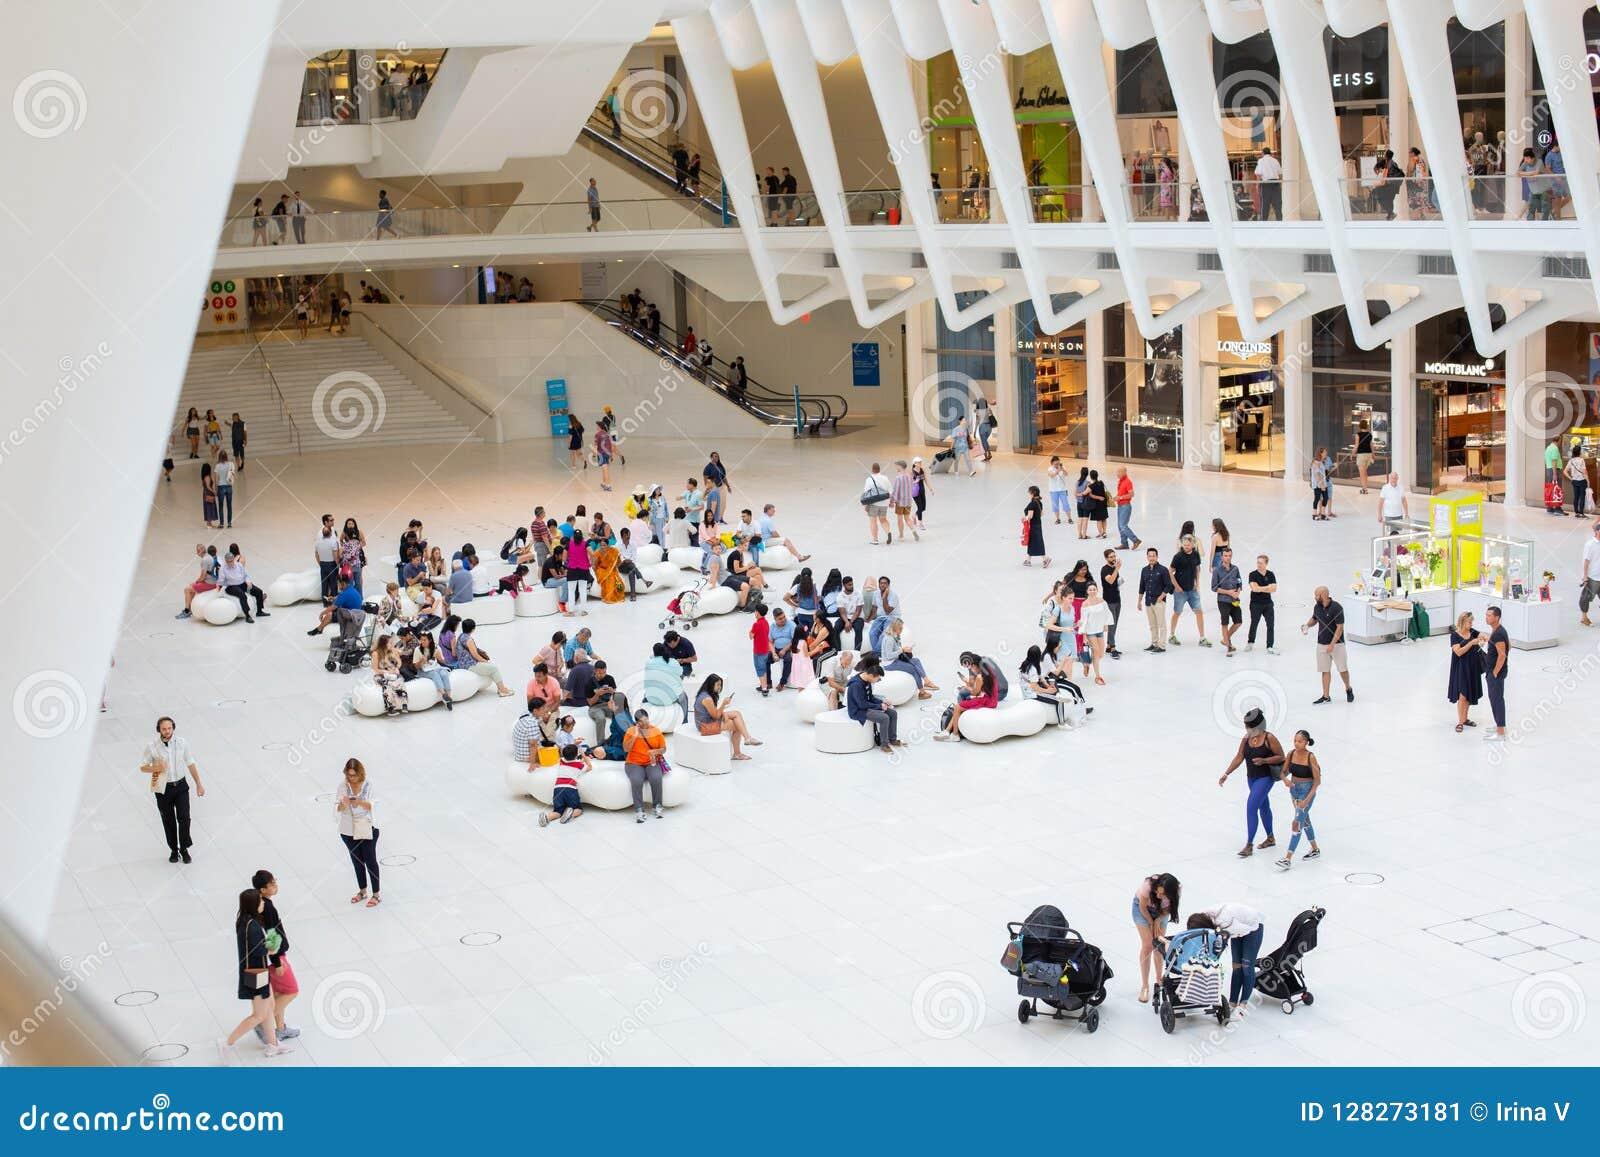 НЬЮ-ЙОРК - август 2018: Внутренний торговый центр Westfield Oculus во время занятого дня, эпицентра деятельности транспорта всеми